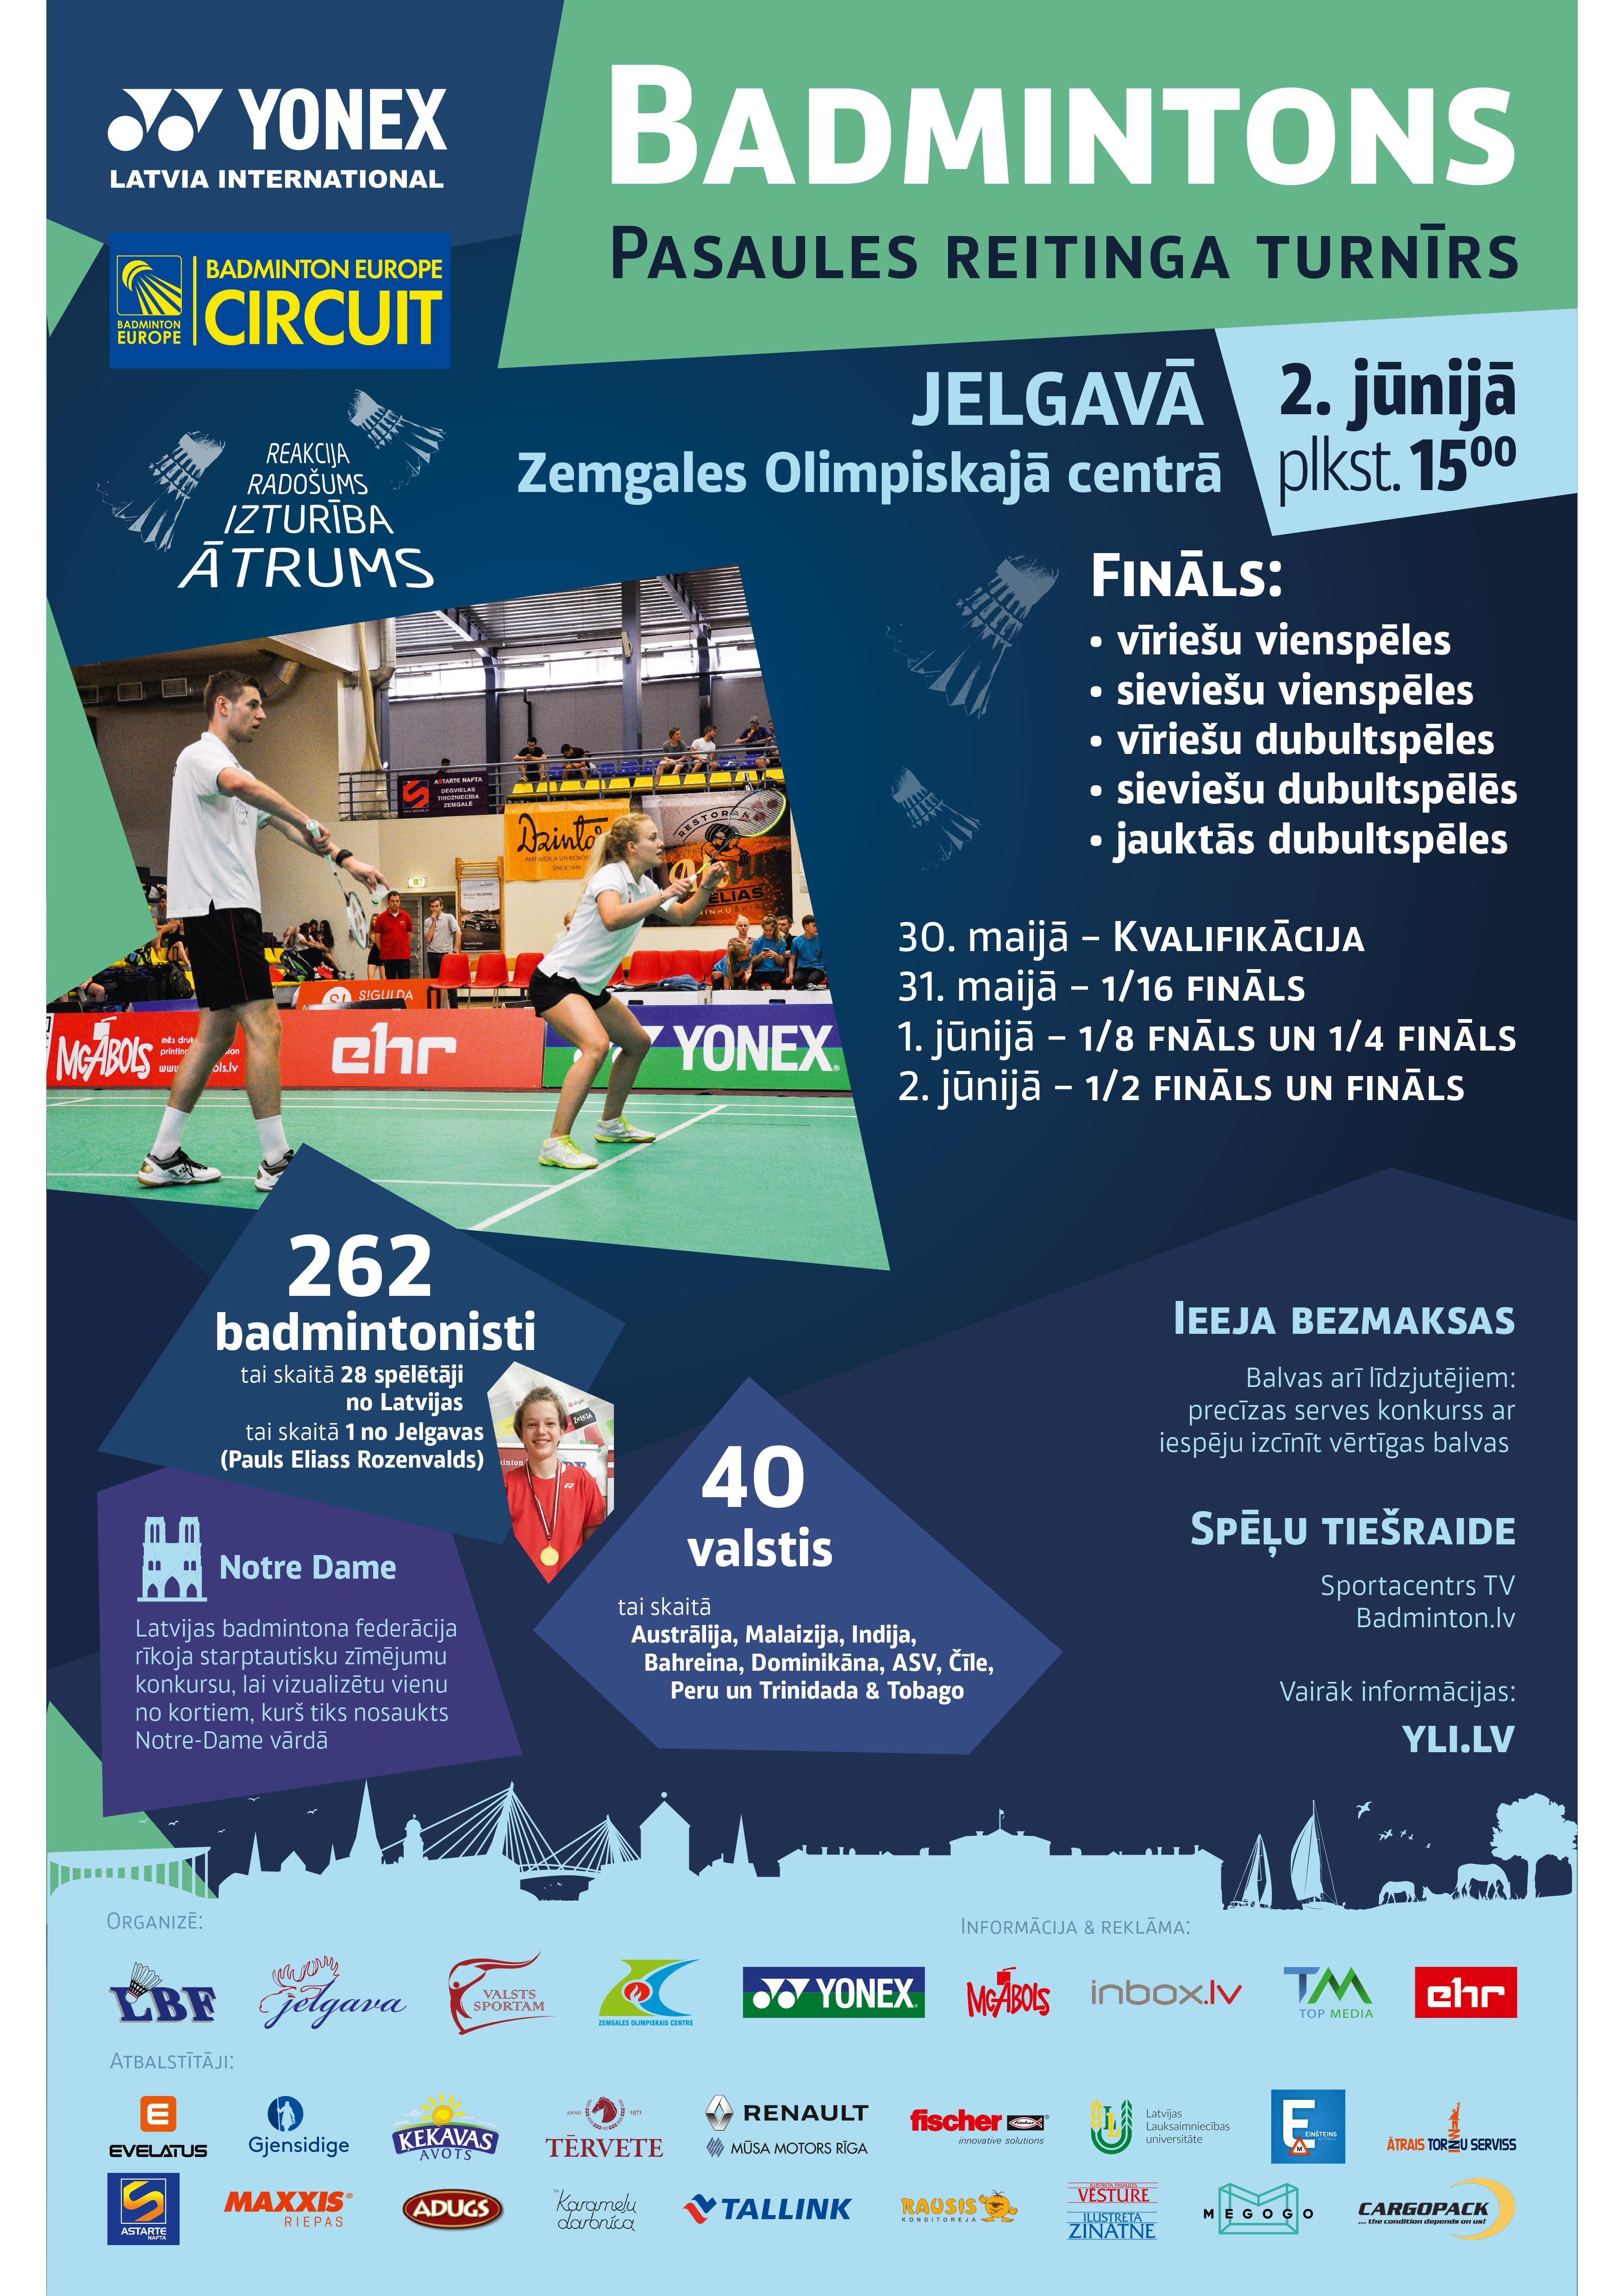 Pasaules reitinga badmintona turnīrs Yonex Latvia International